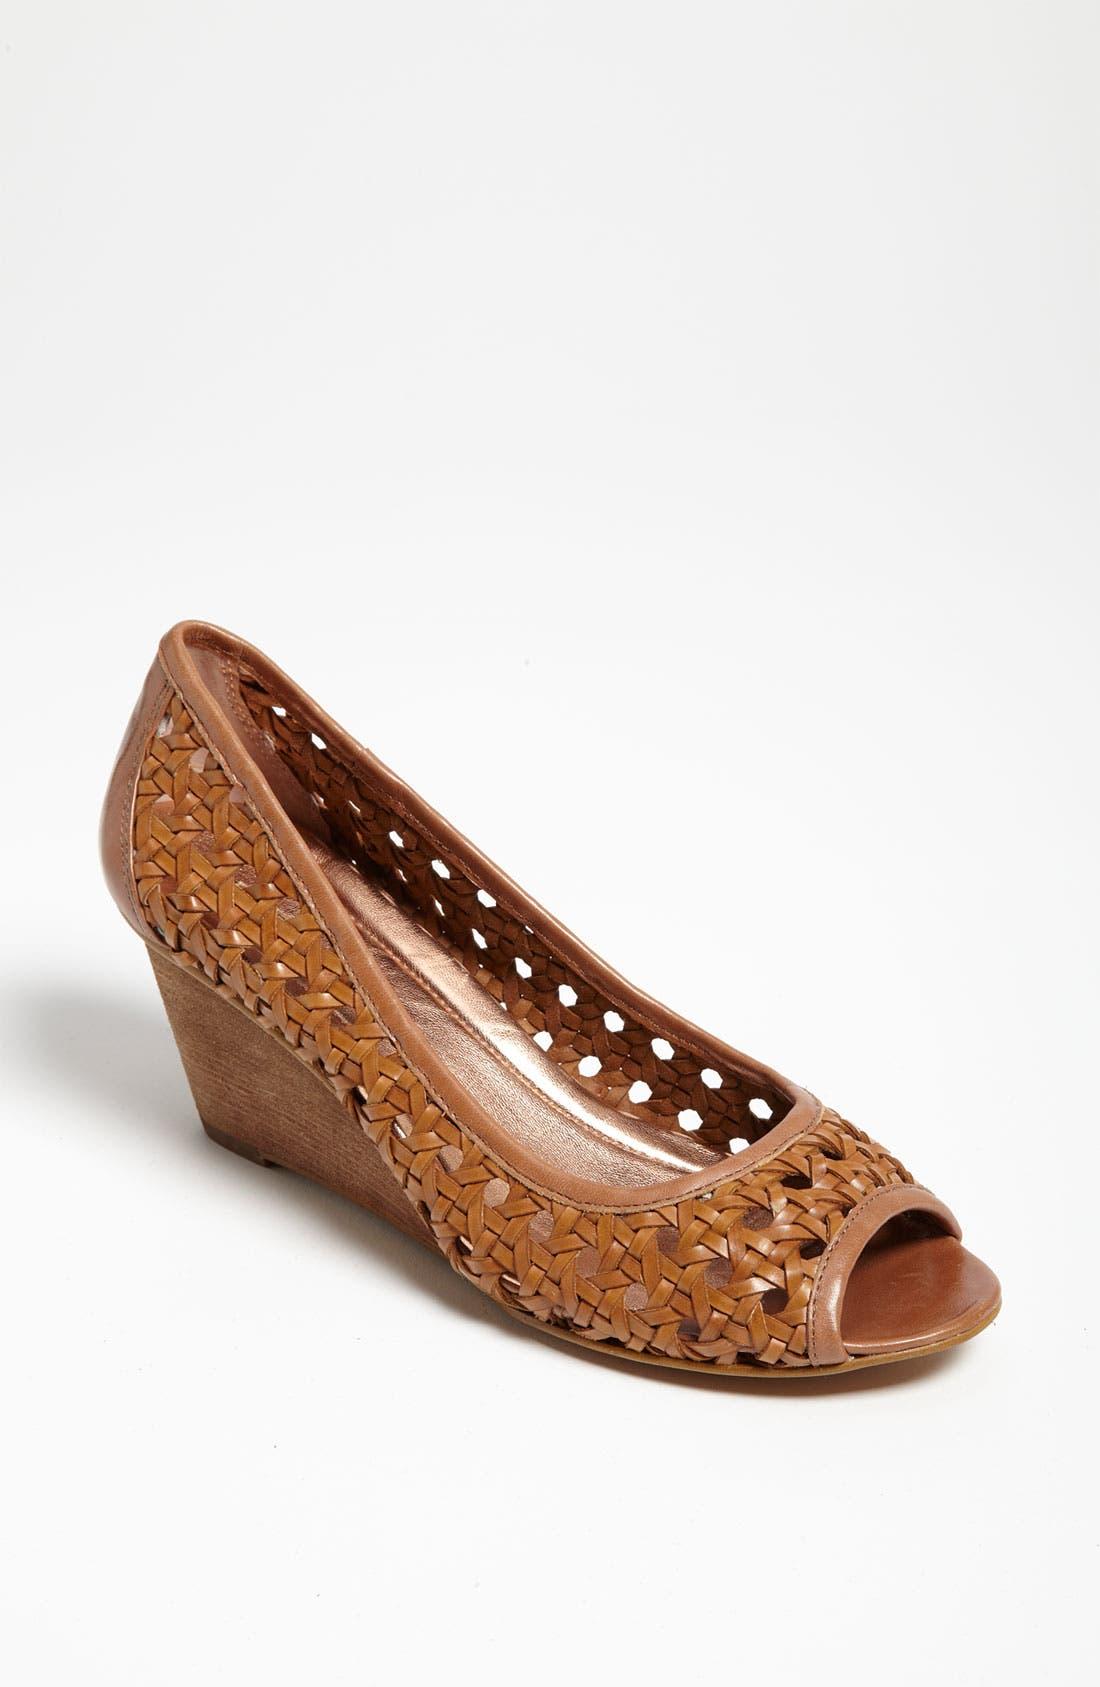 Main Image - BCBGeneration 'Tylar' Sandal